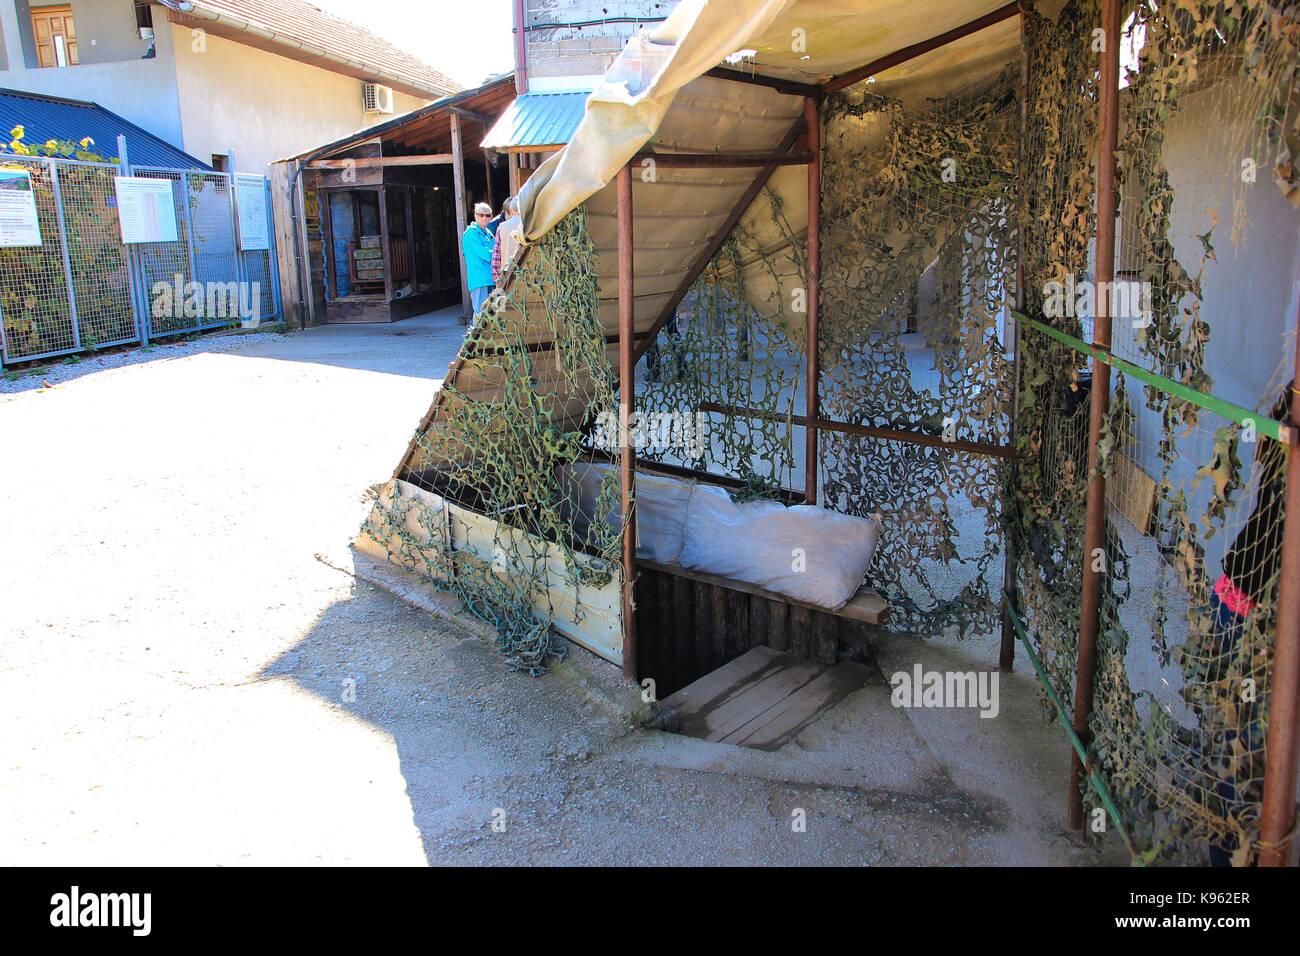 Der Tunnel der Hoffnung. Eine Auswahl von Bildern von Sarajevo. Bosnien und Herzegowina | unter der Start- und Landebahn Stockfoto